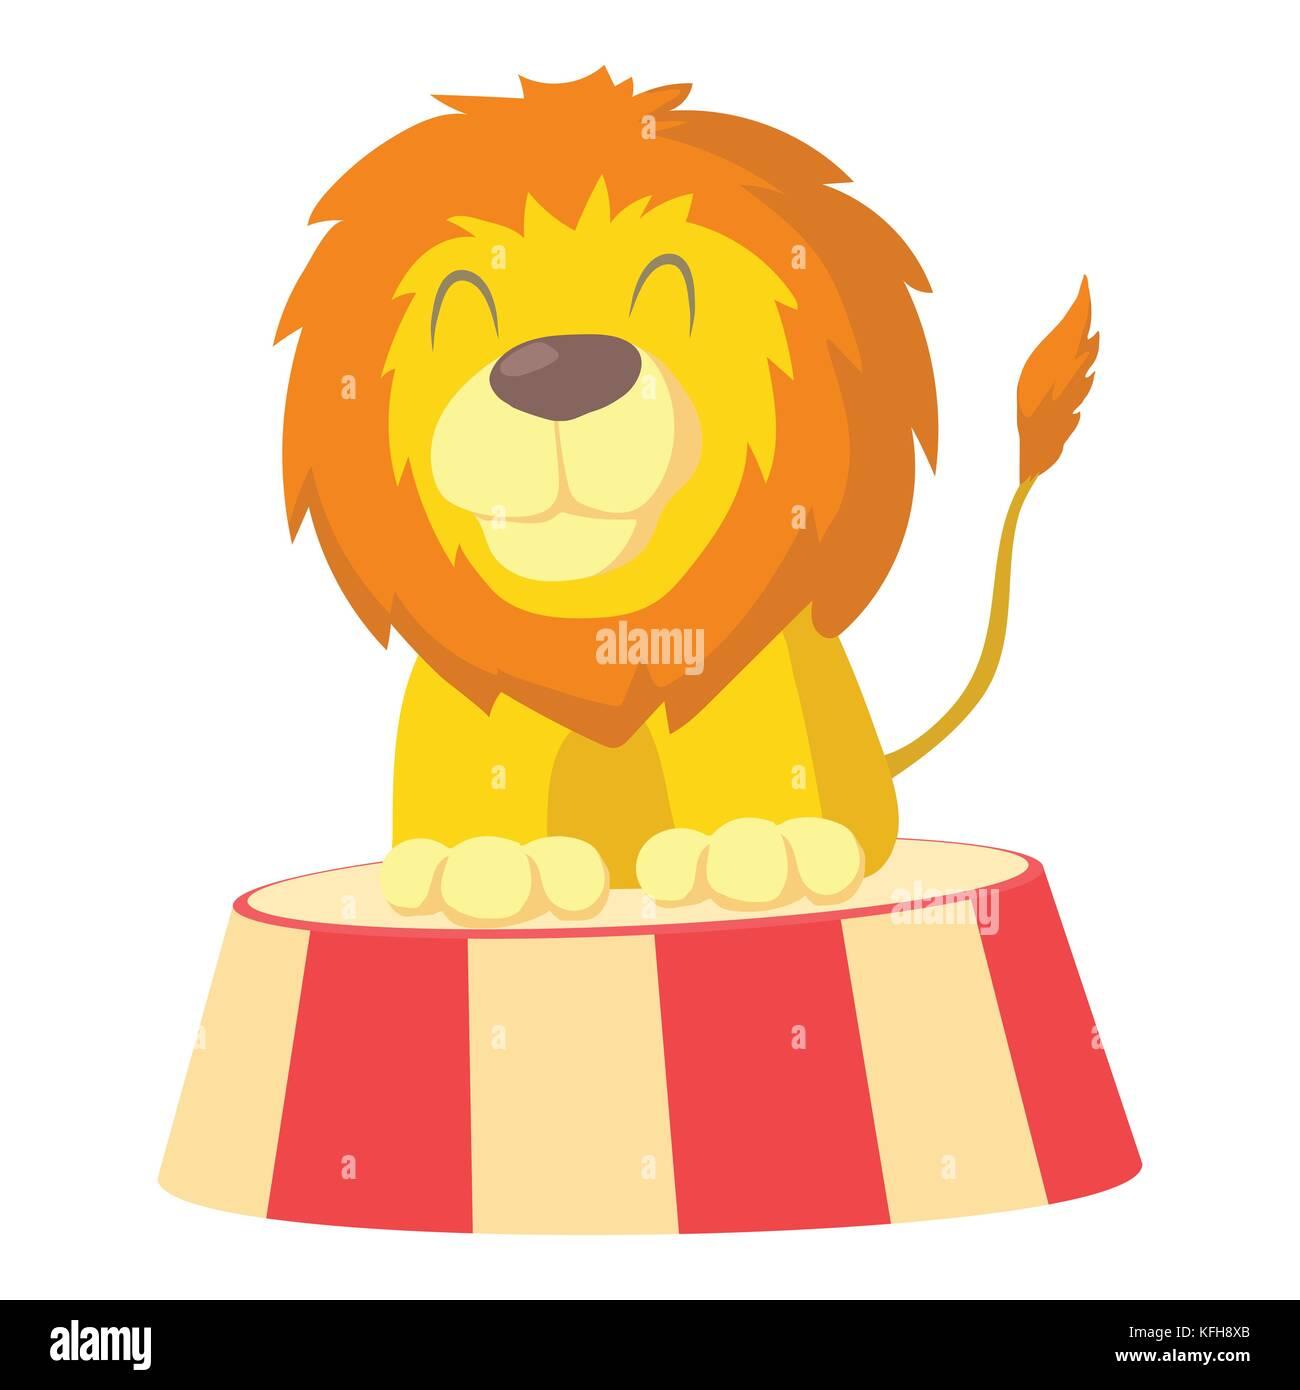 Circus Lion Stock Photos & Circus Lion Stock Images - Alamy